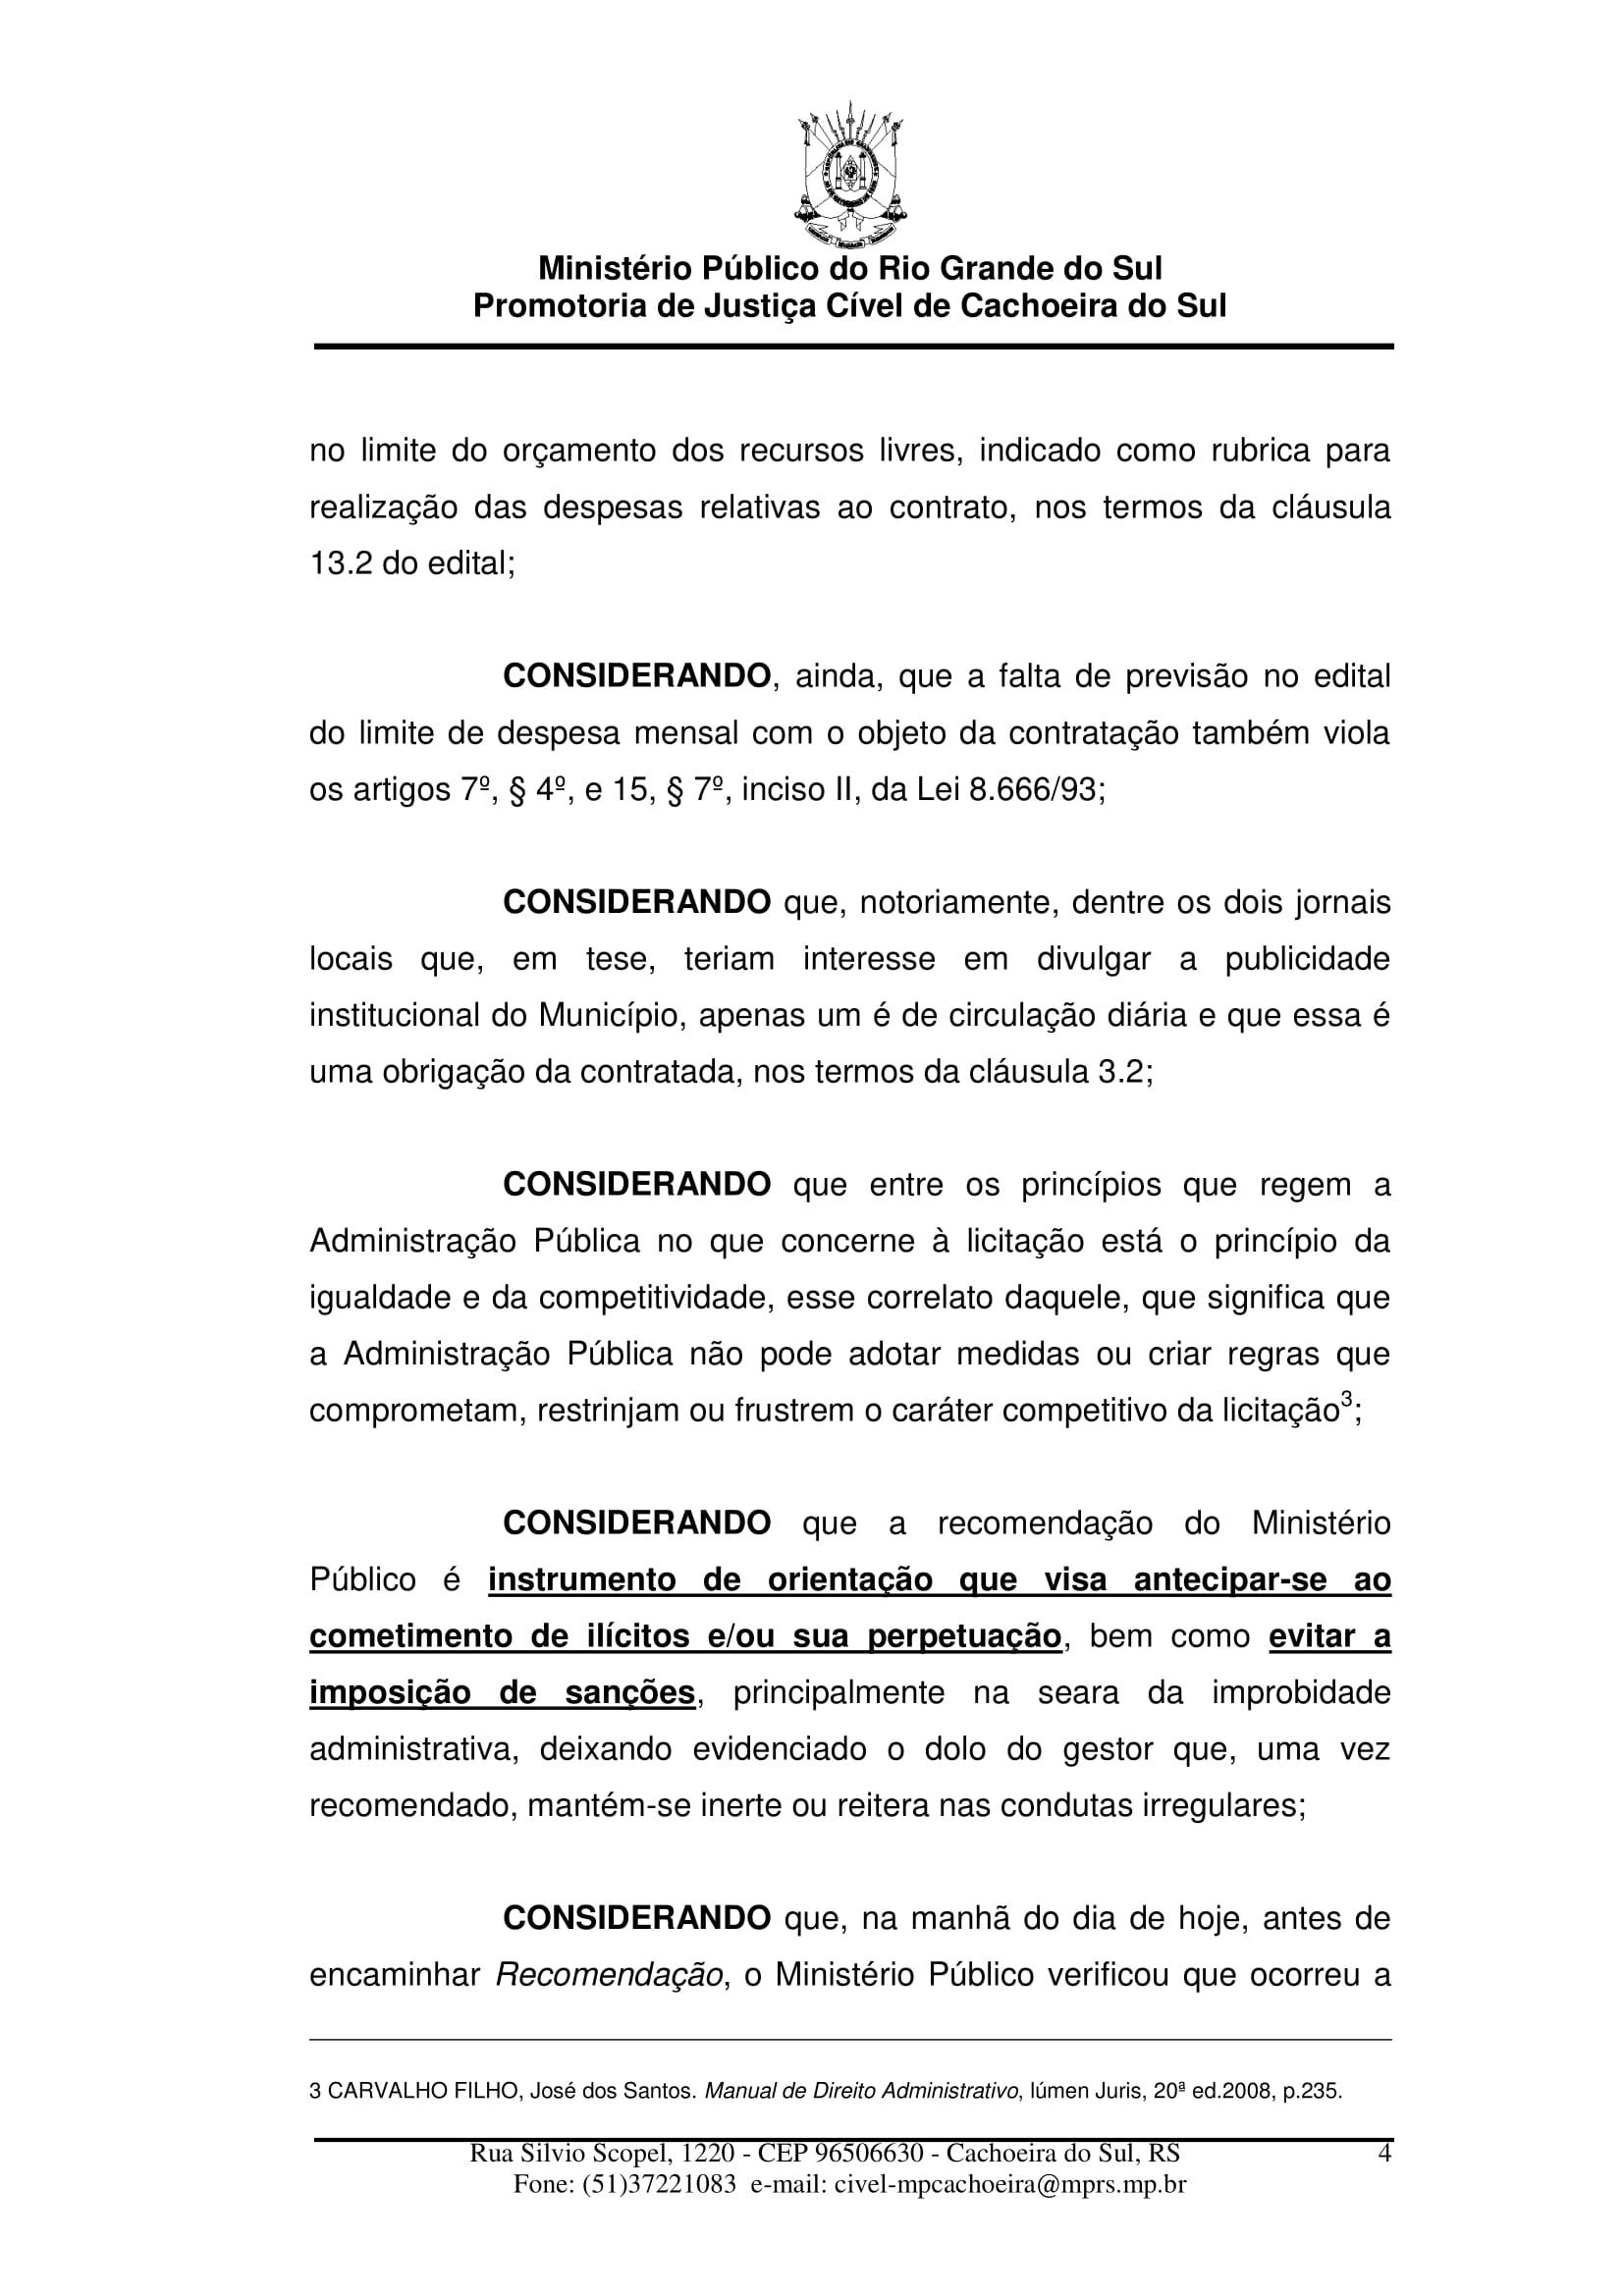 Ministério Publico de Cachoeira diz que Prefeitura deve